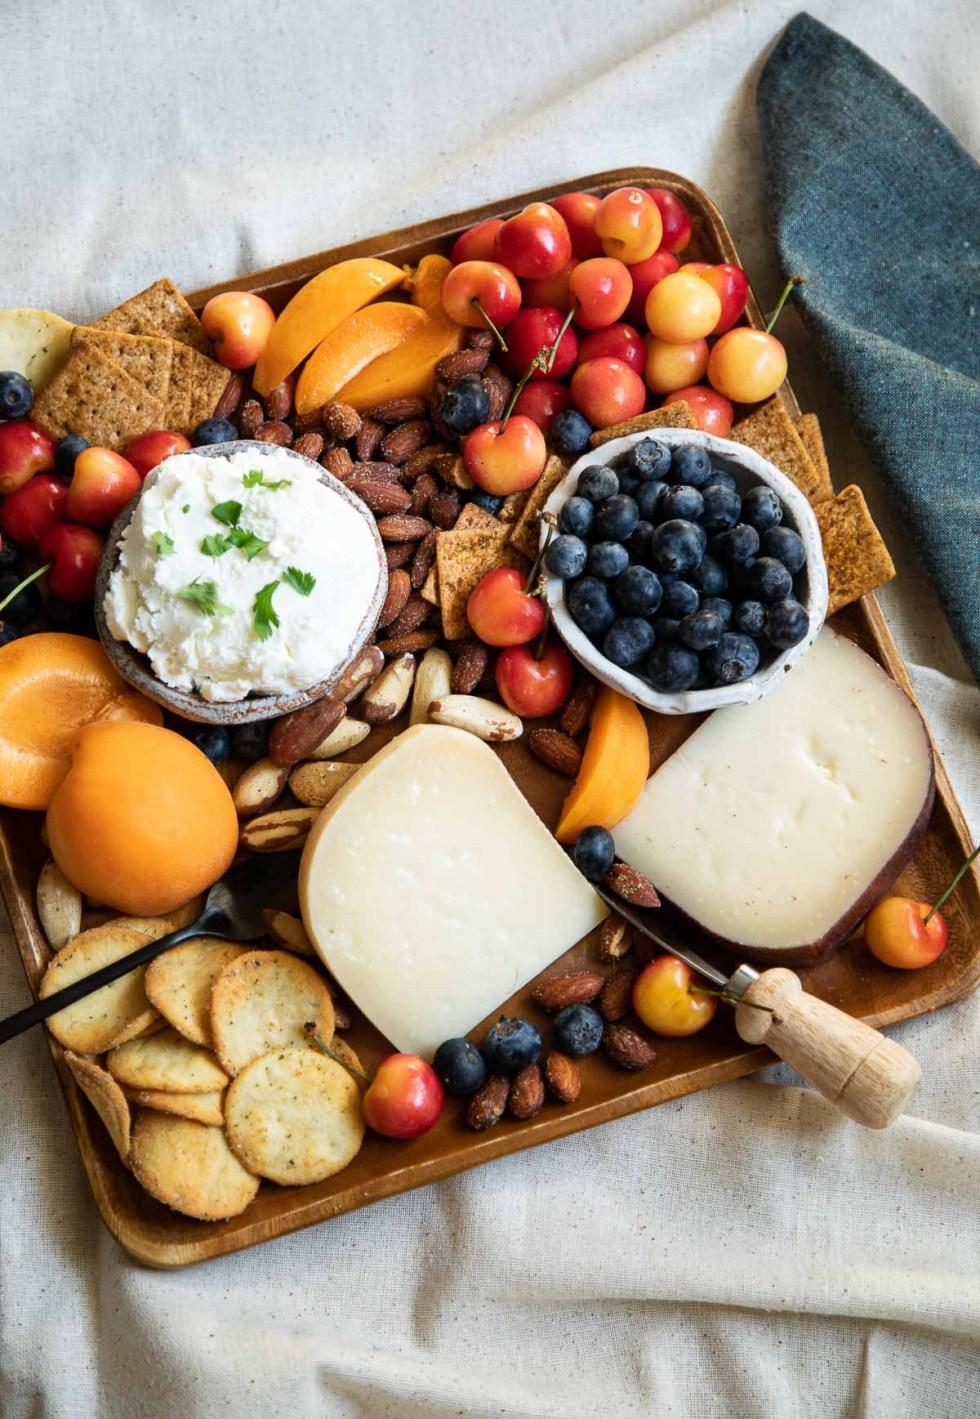 Cheese Board Ideas - Local Cheese